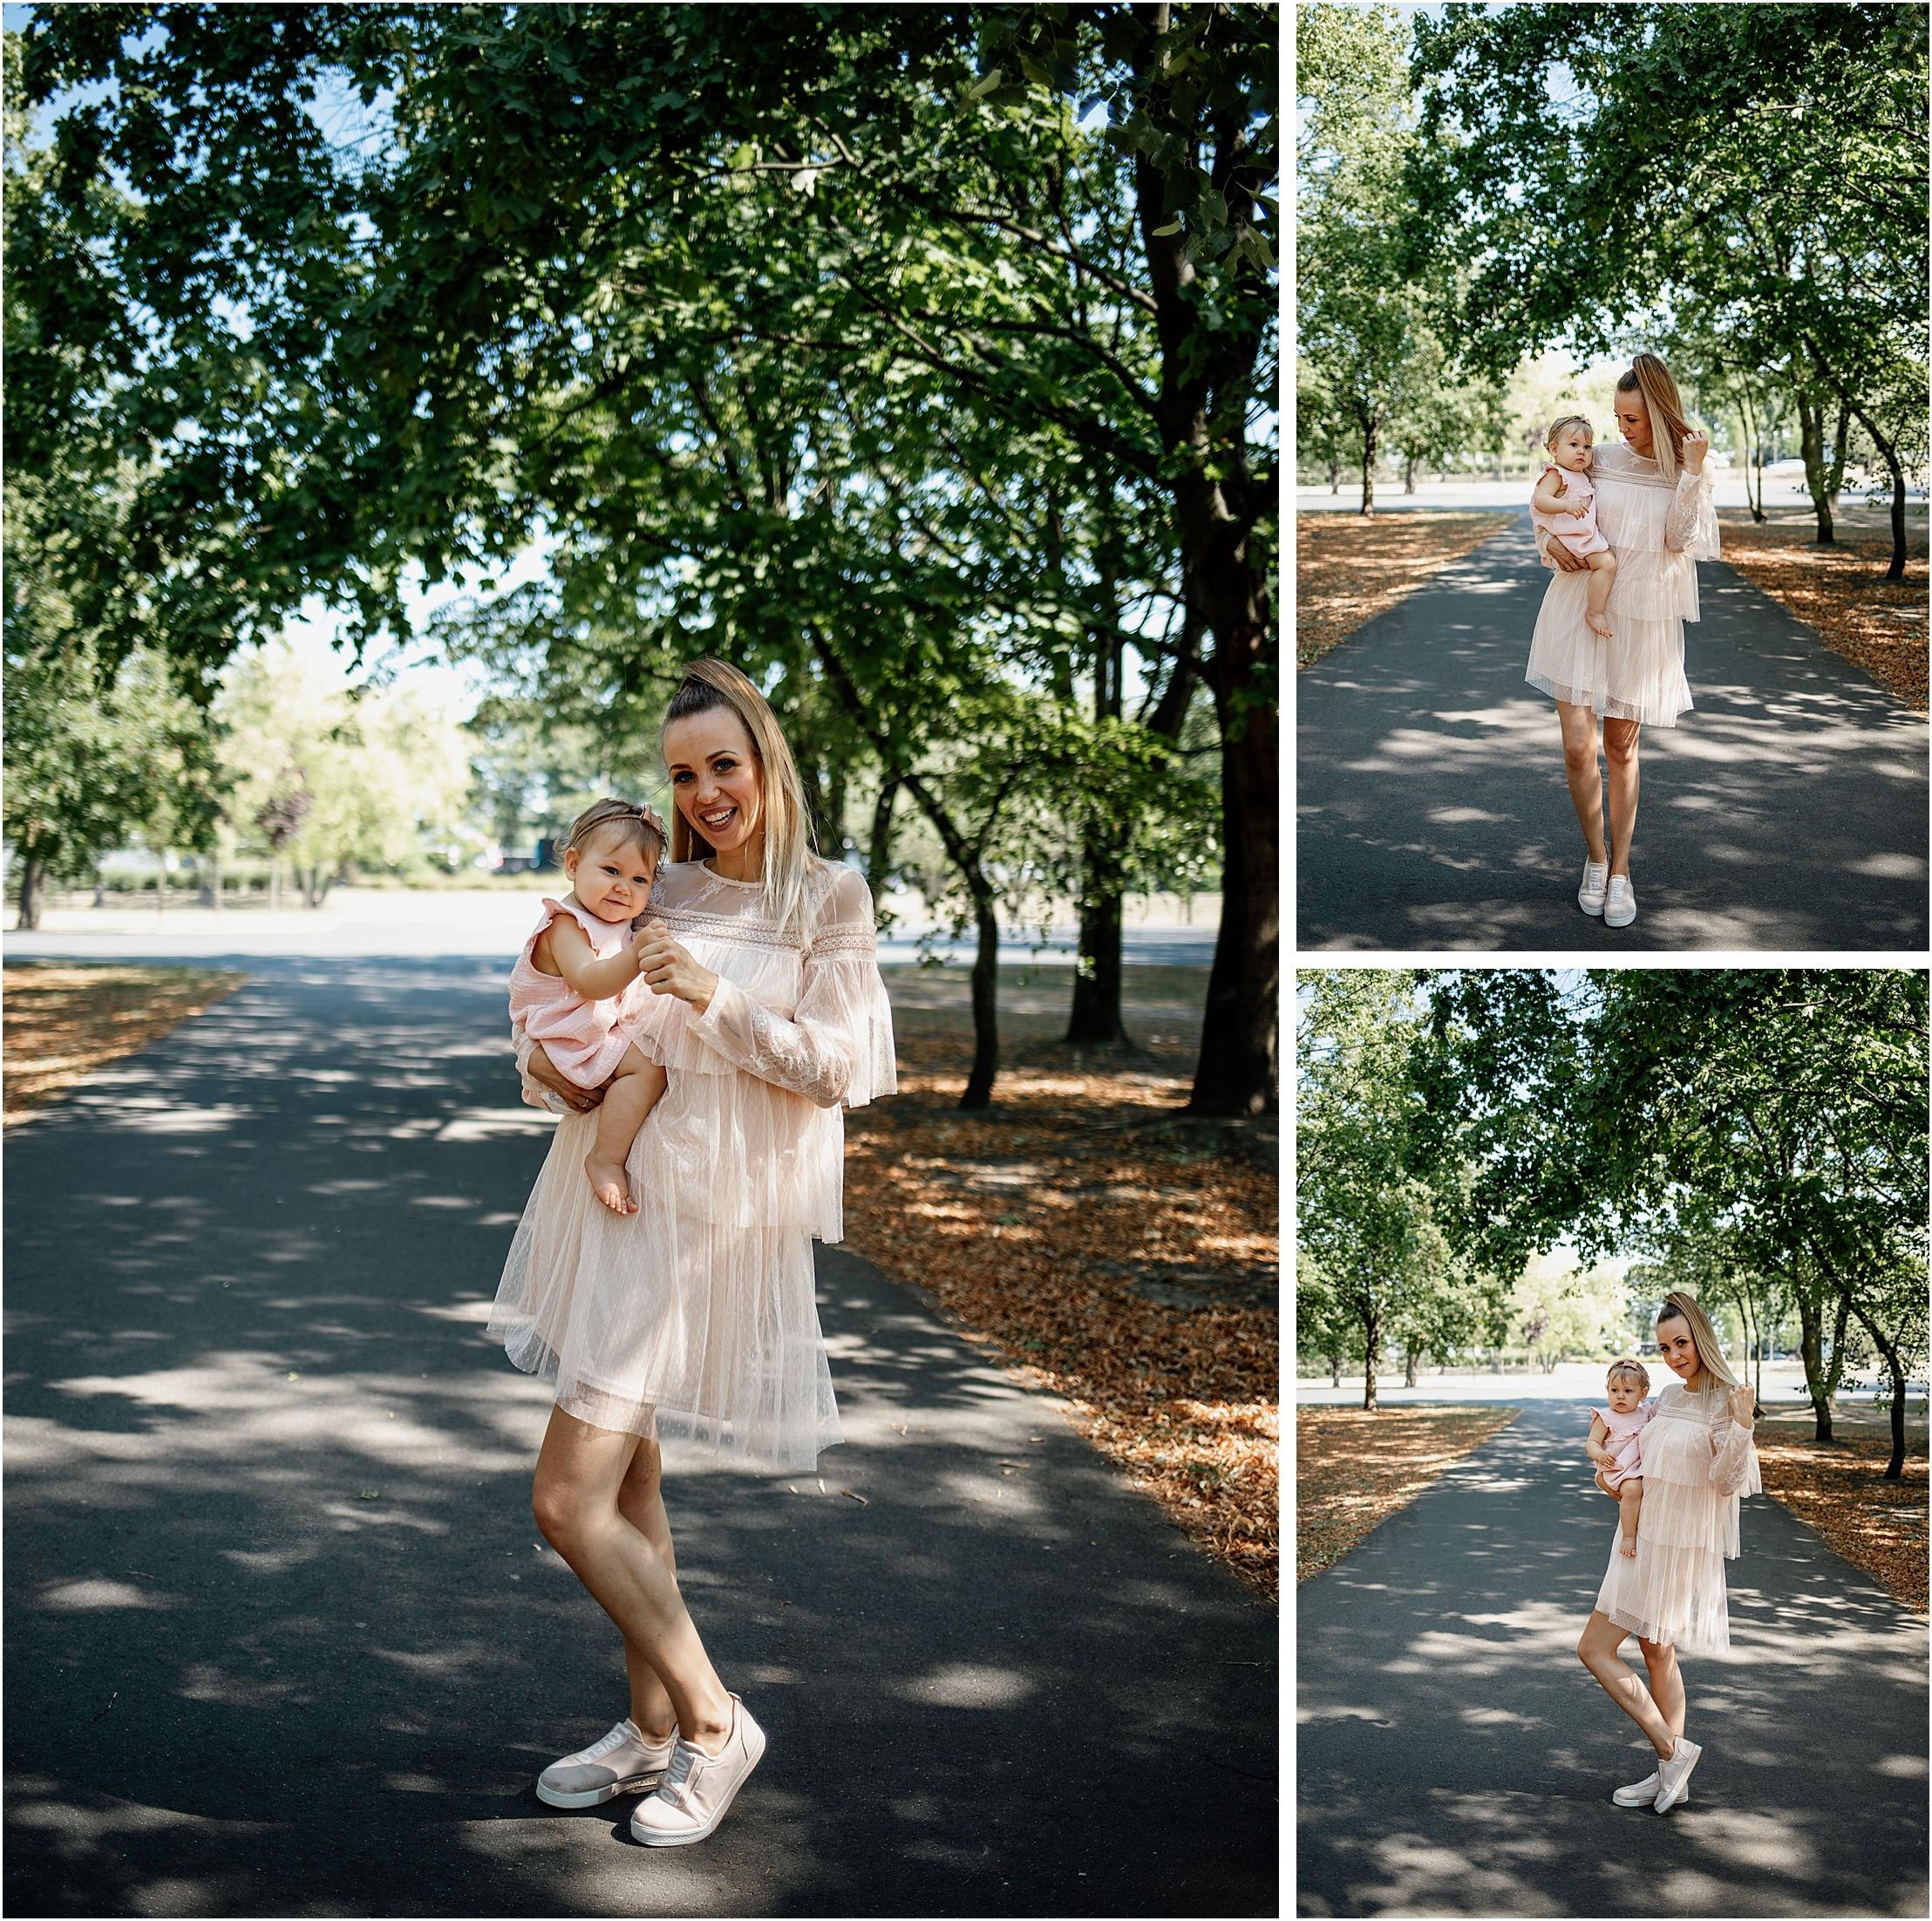 fotograf poznan, fotografia rodzinna, kornik, lifestyle fotografia, photoshoot, poznan fotografia, fotograf poznan